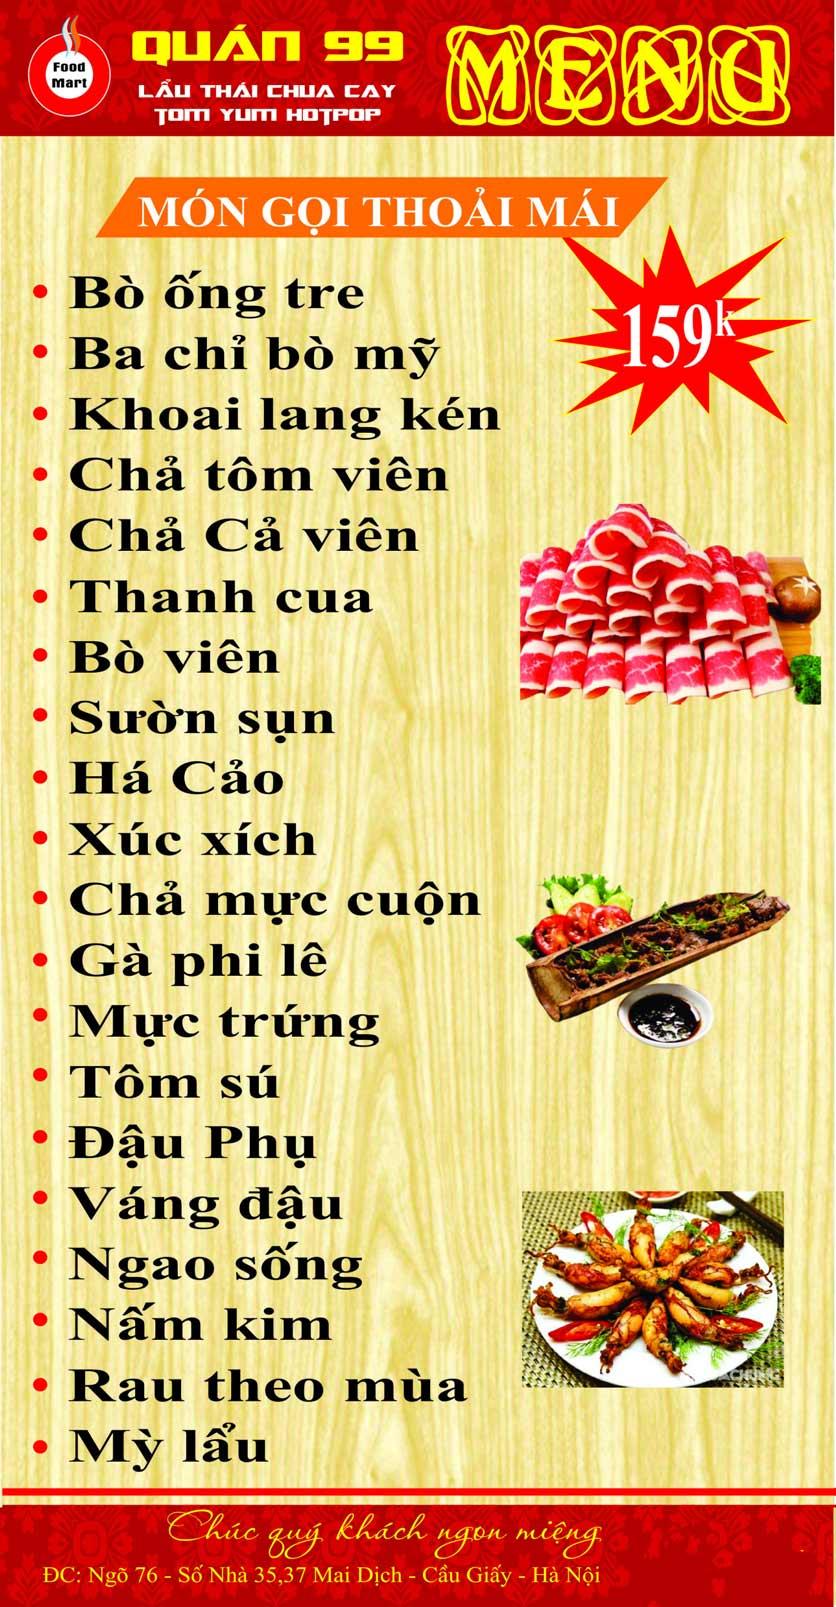 Menu Quán 99 – Lẩu Thái Chua Cay – Mai Dịch 3